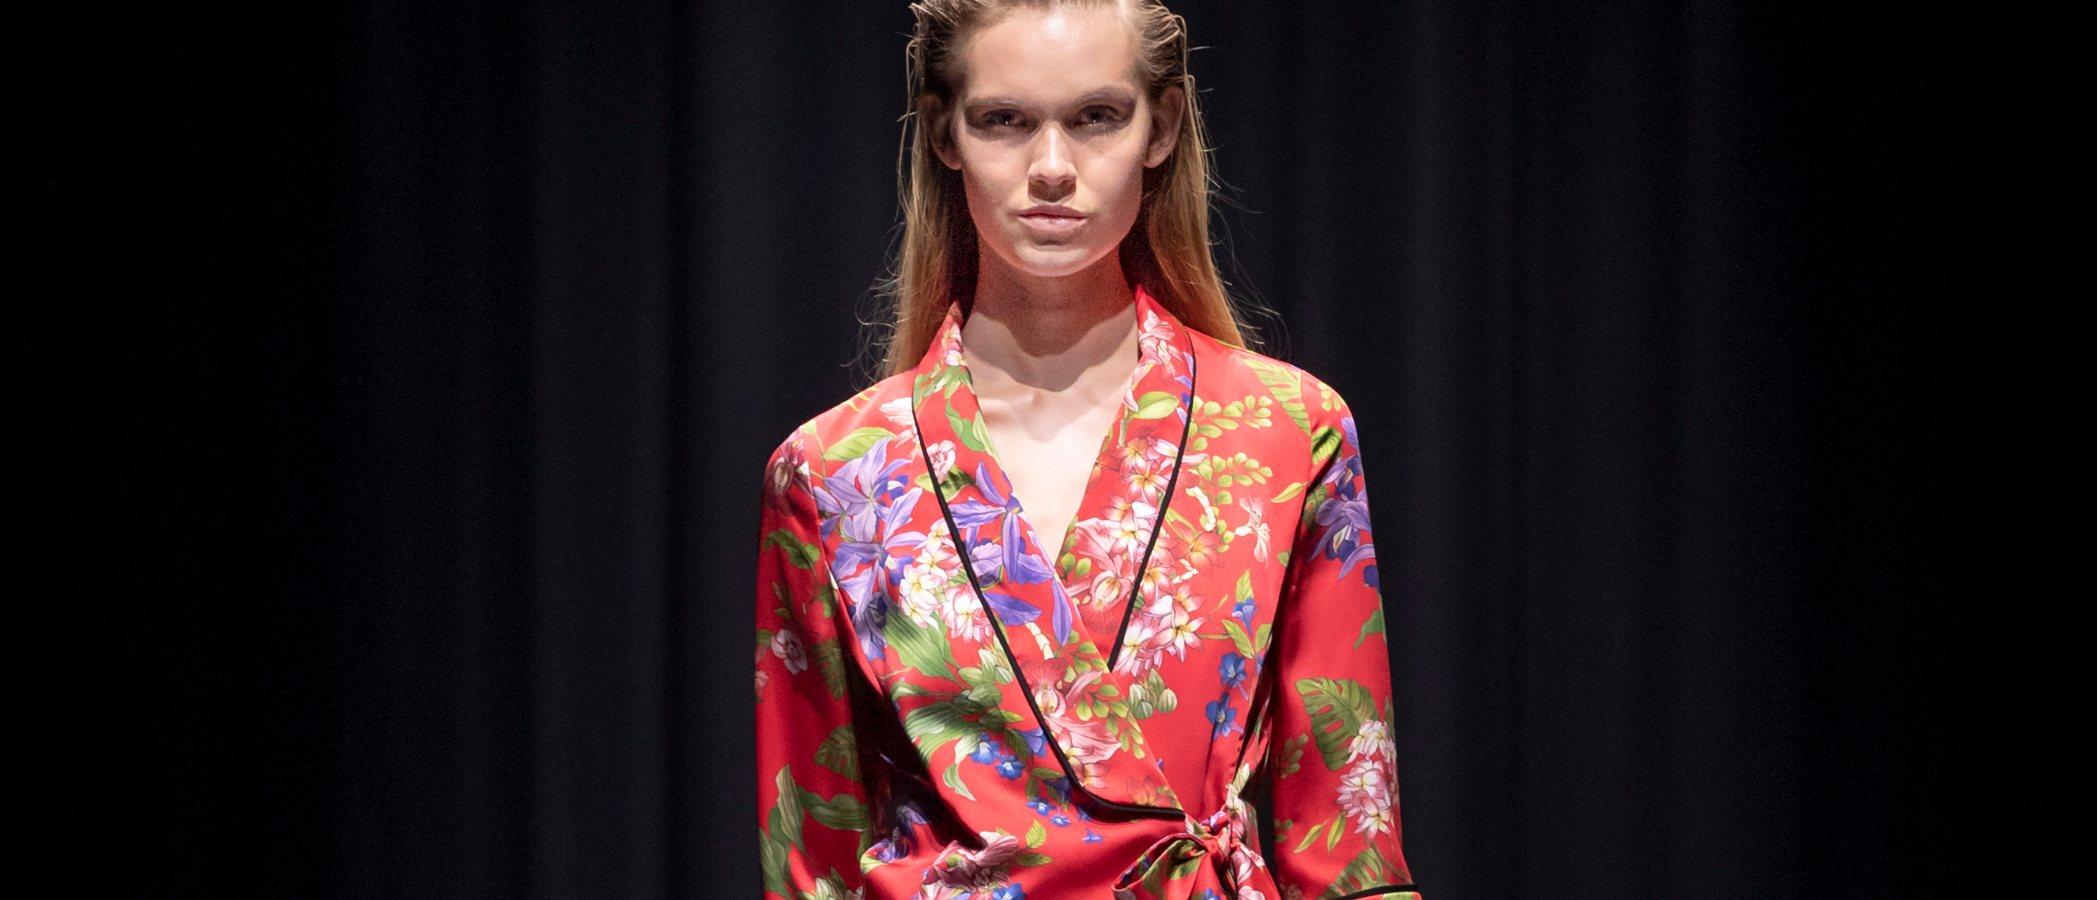 Así es la nueva colección primavera/verano 2019 de Liu Jo con las últimas tendencias